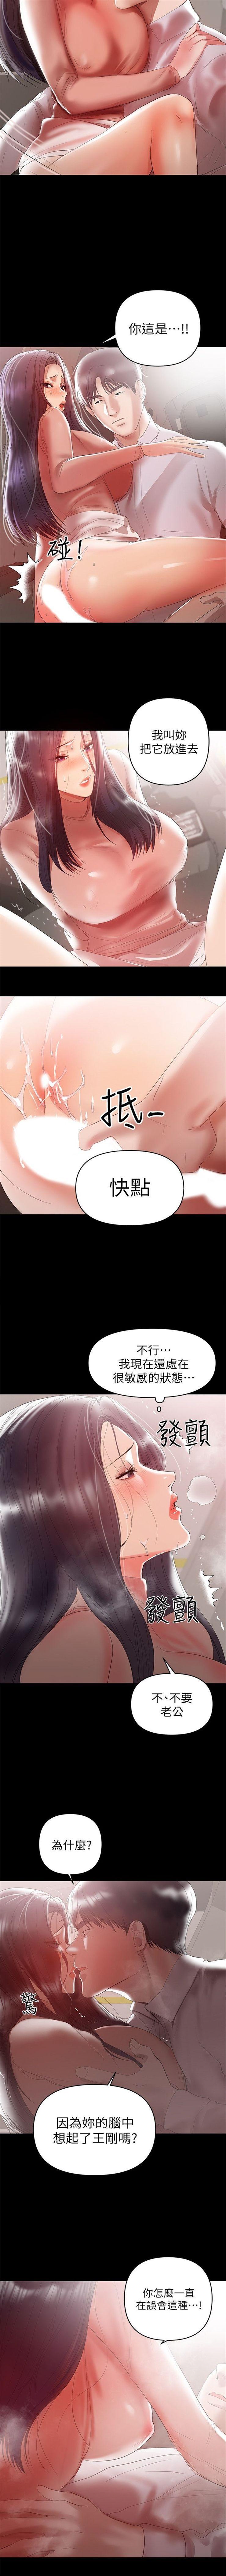 (週6)兼職奶媽 1-31 中文翻譯 (更新中) 55